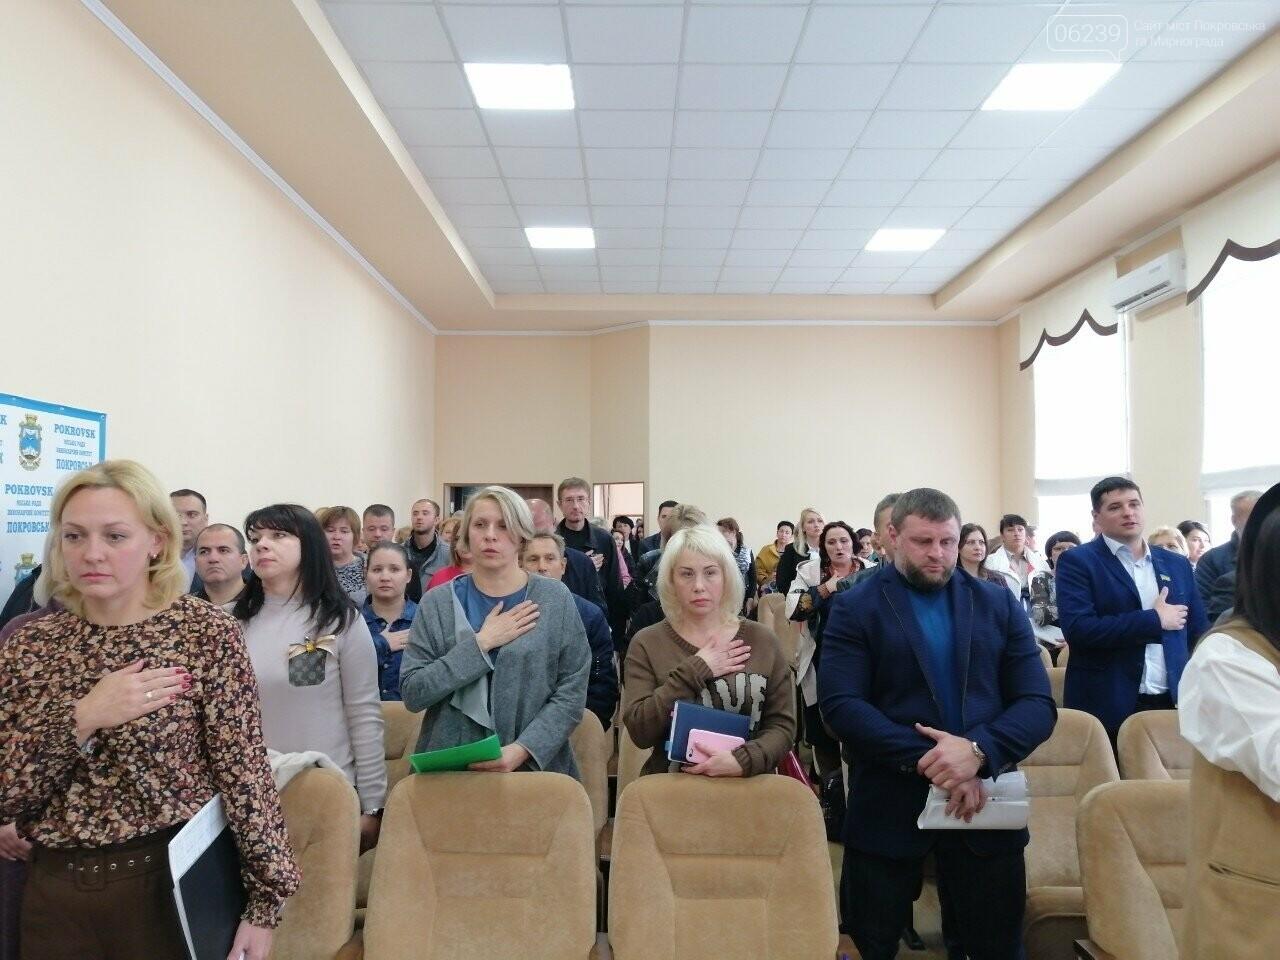 Депутаты Покровска не хотят слушать доклады: основные и земельные вопросы рассмотрены двумя блоками, фото-5